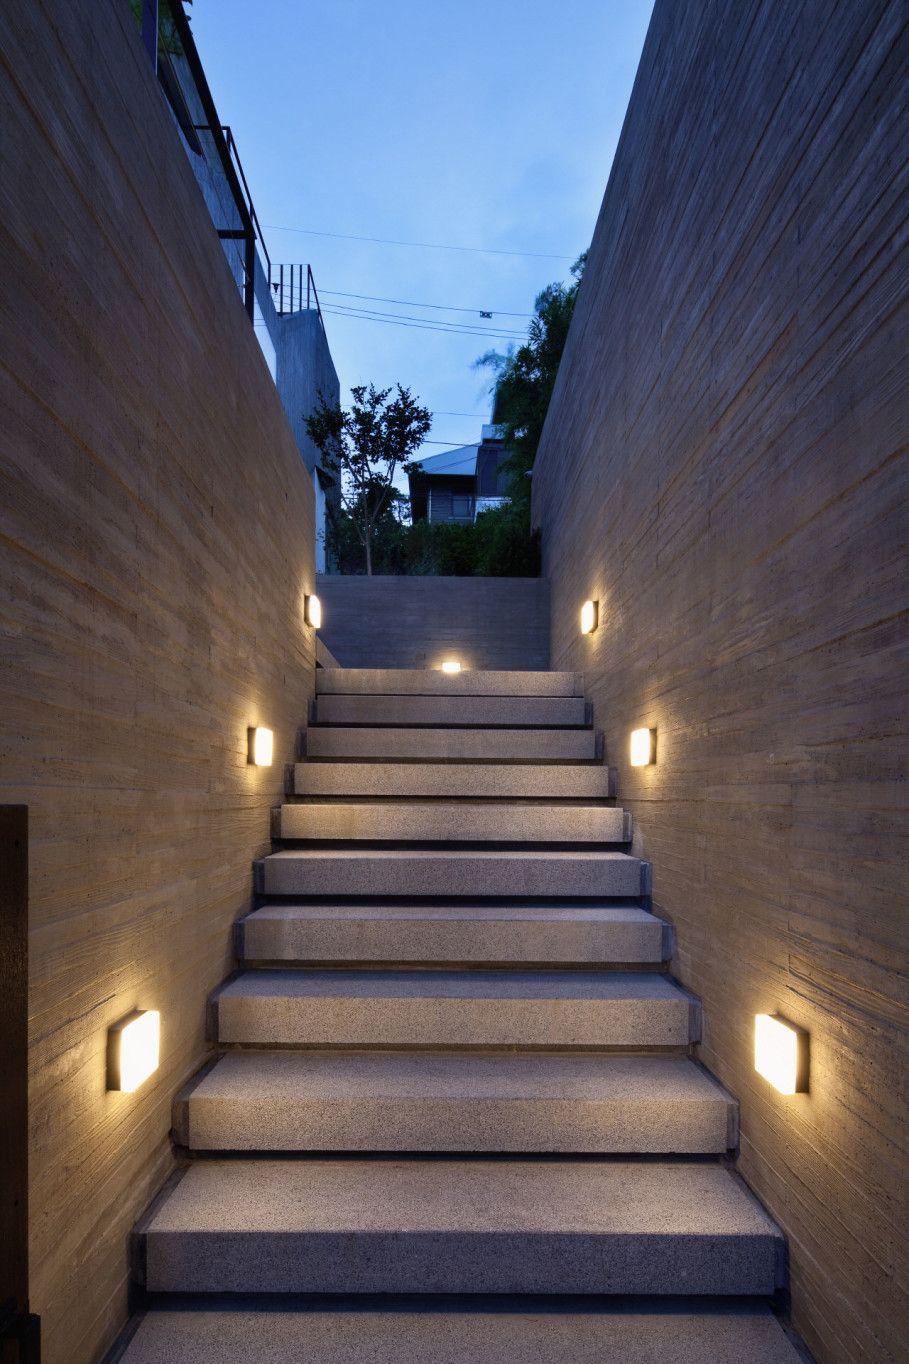 Wunderbar Spektakuläre Moderne Outdoor Beleuchtung Mit Wunderschönen Illuminationen  #Badezimmer #Büromöbel #Couchtisch #Deko Ideen